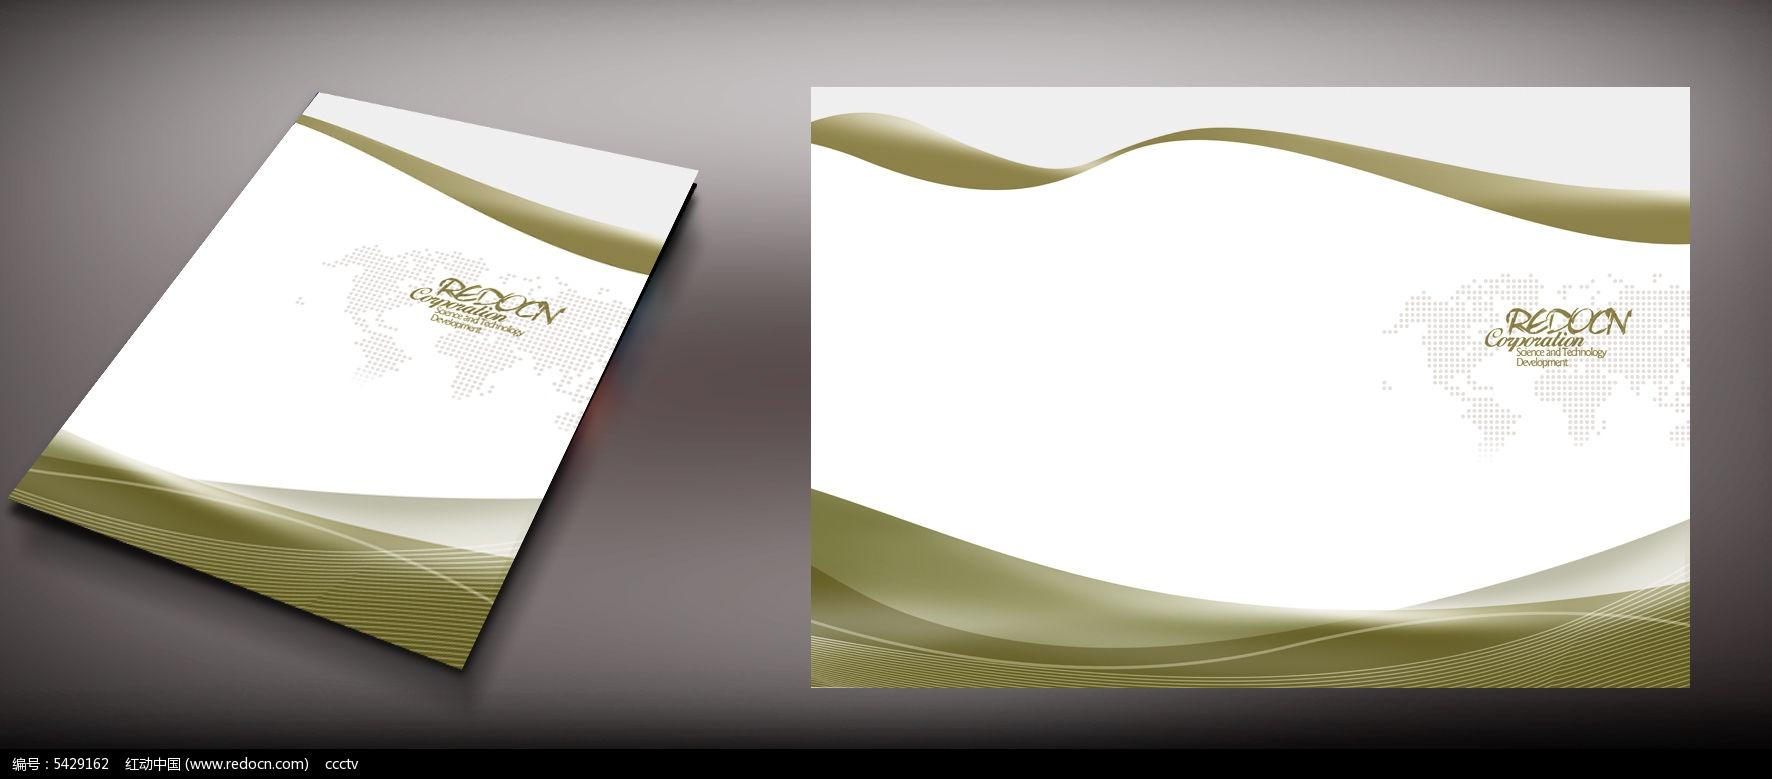 产品介绍封面图片,产品介绍封面图片素材大全图片